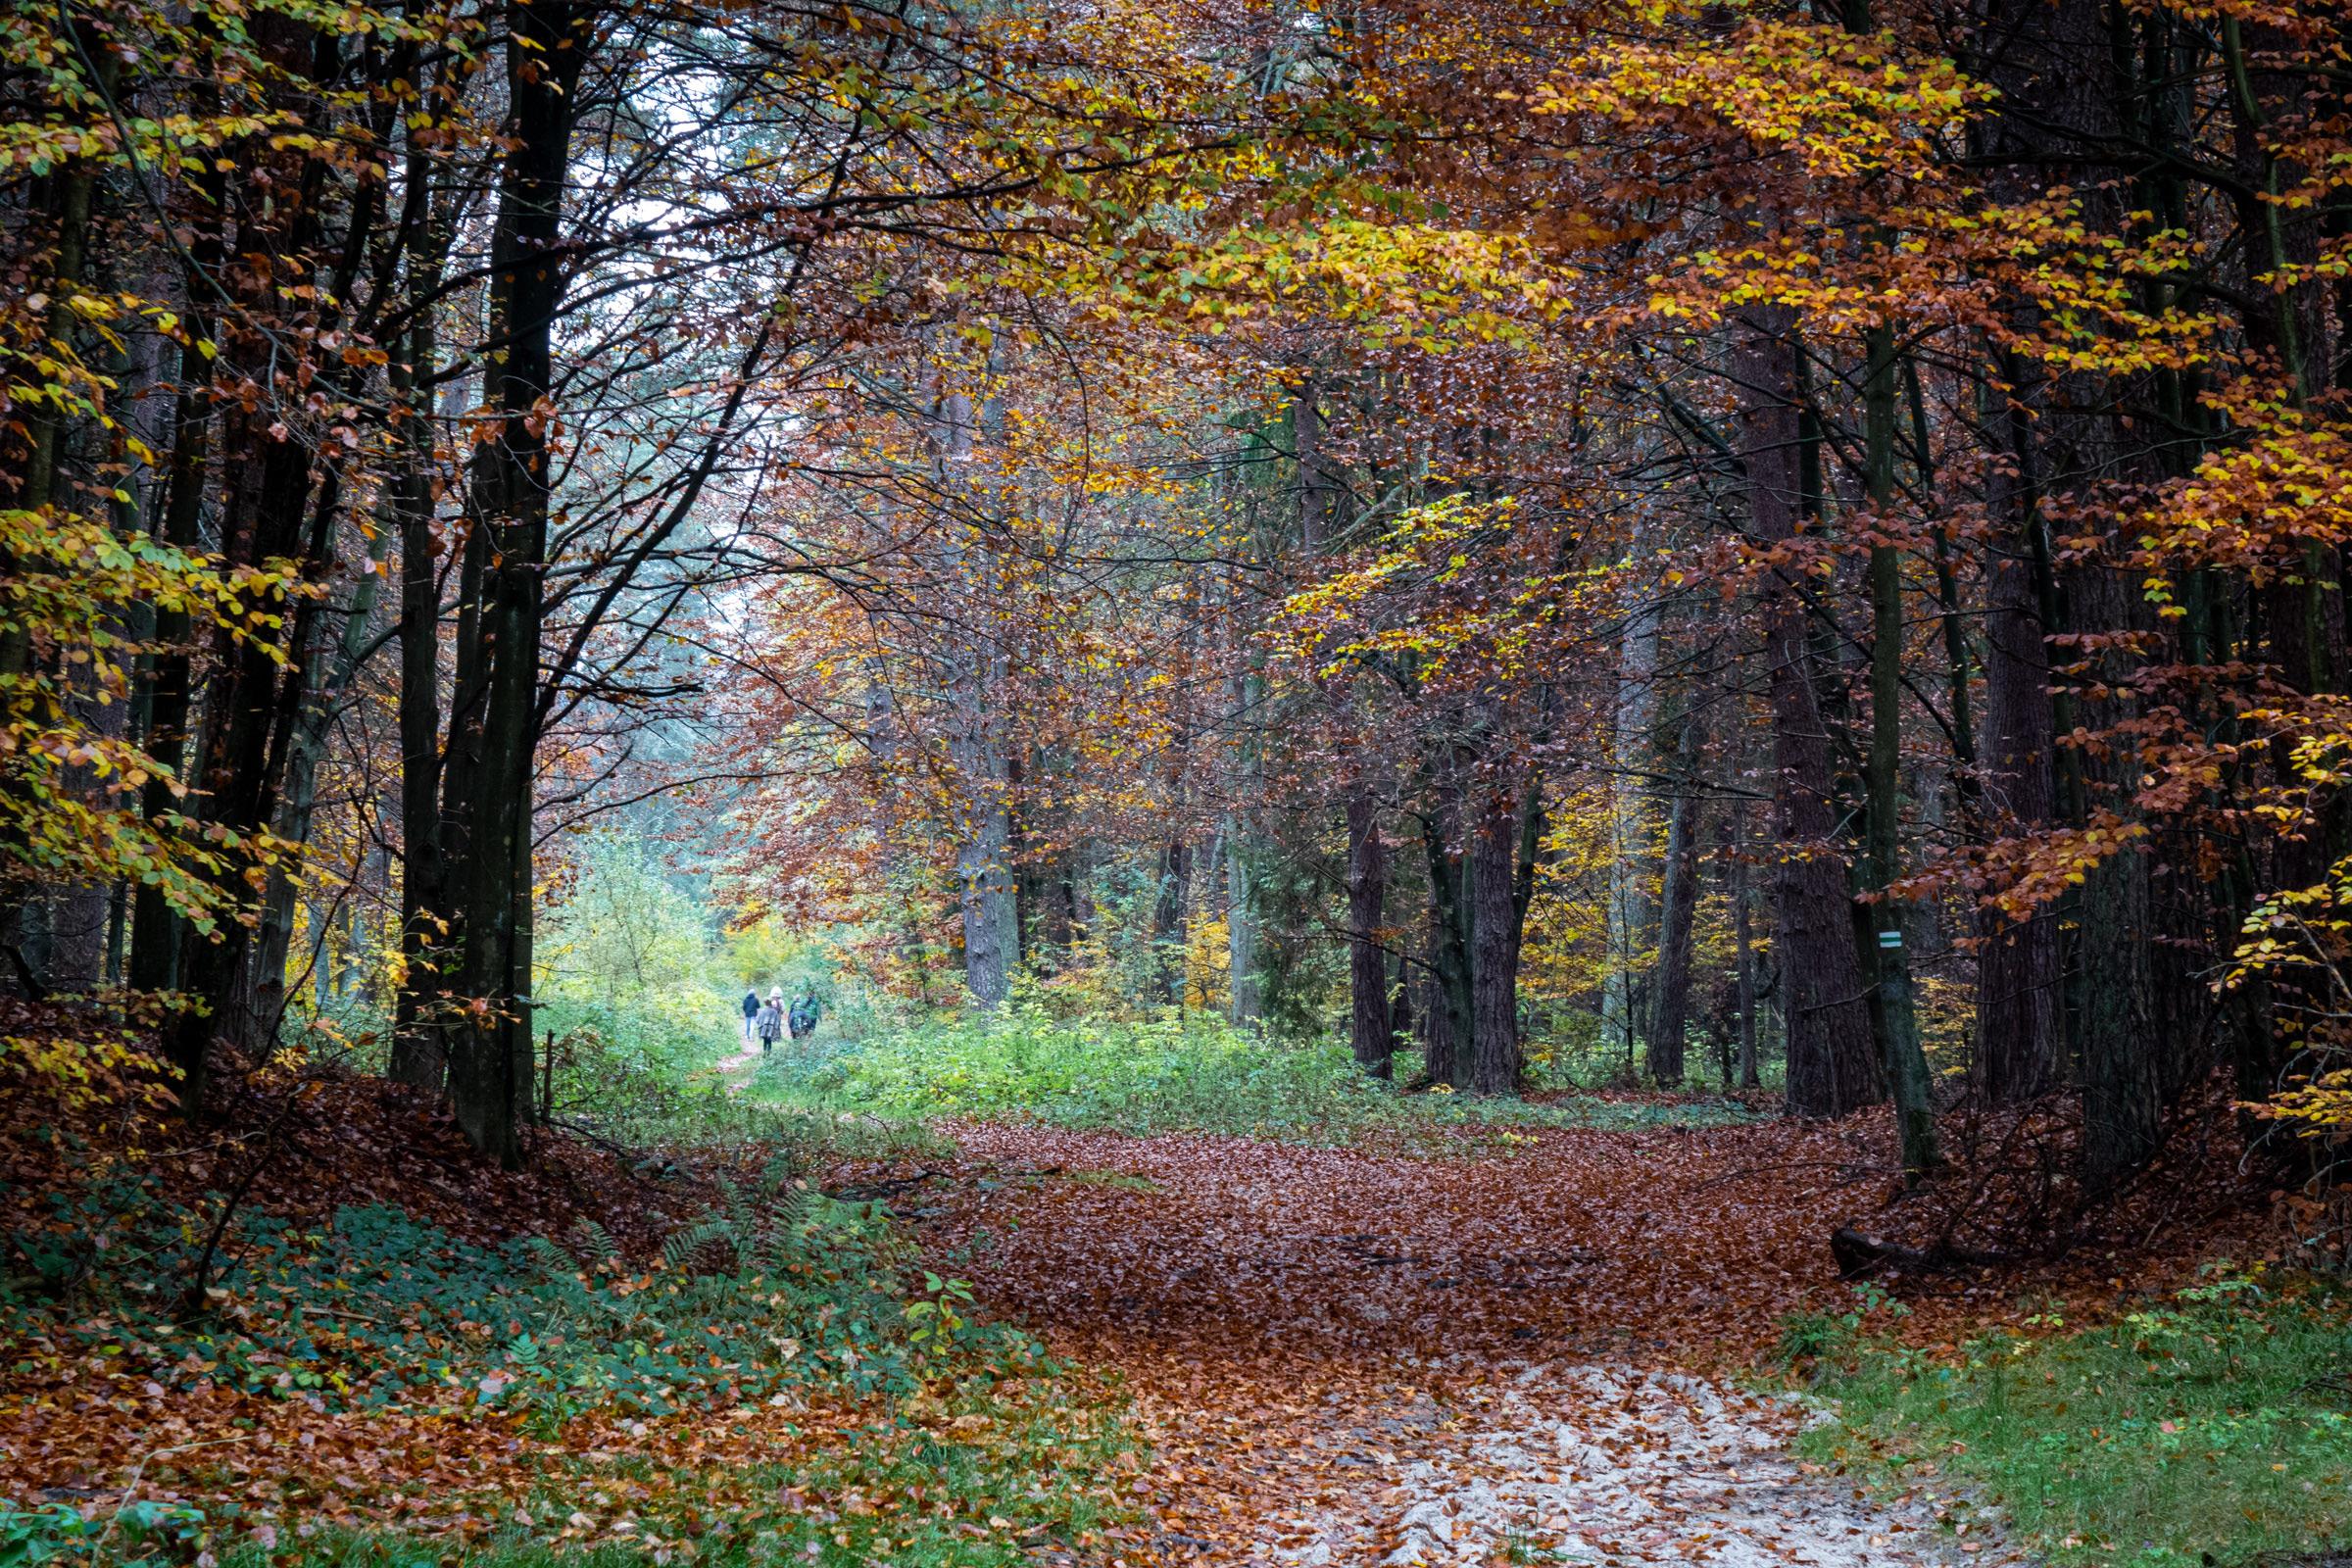 Zielony szlak w okolicy Monastyru. fot. Krzysztof Zajączkowski